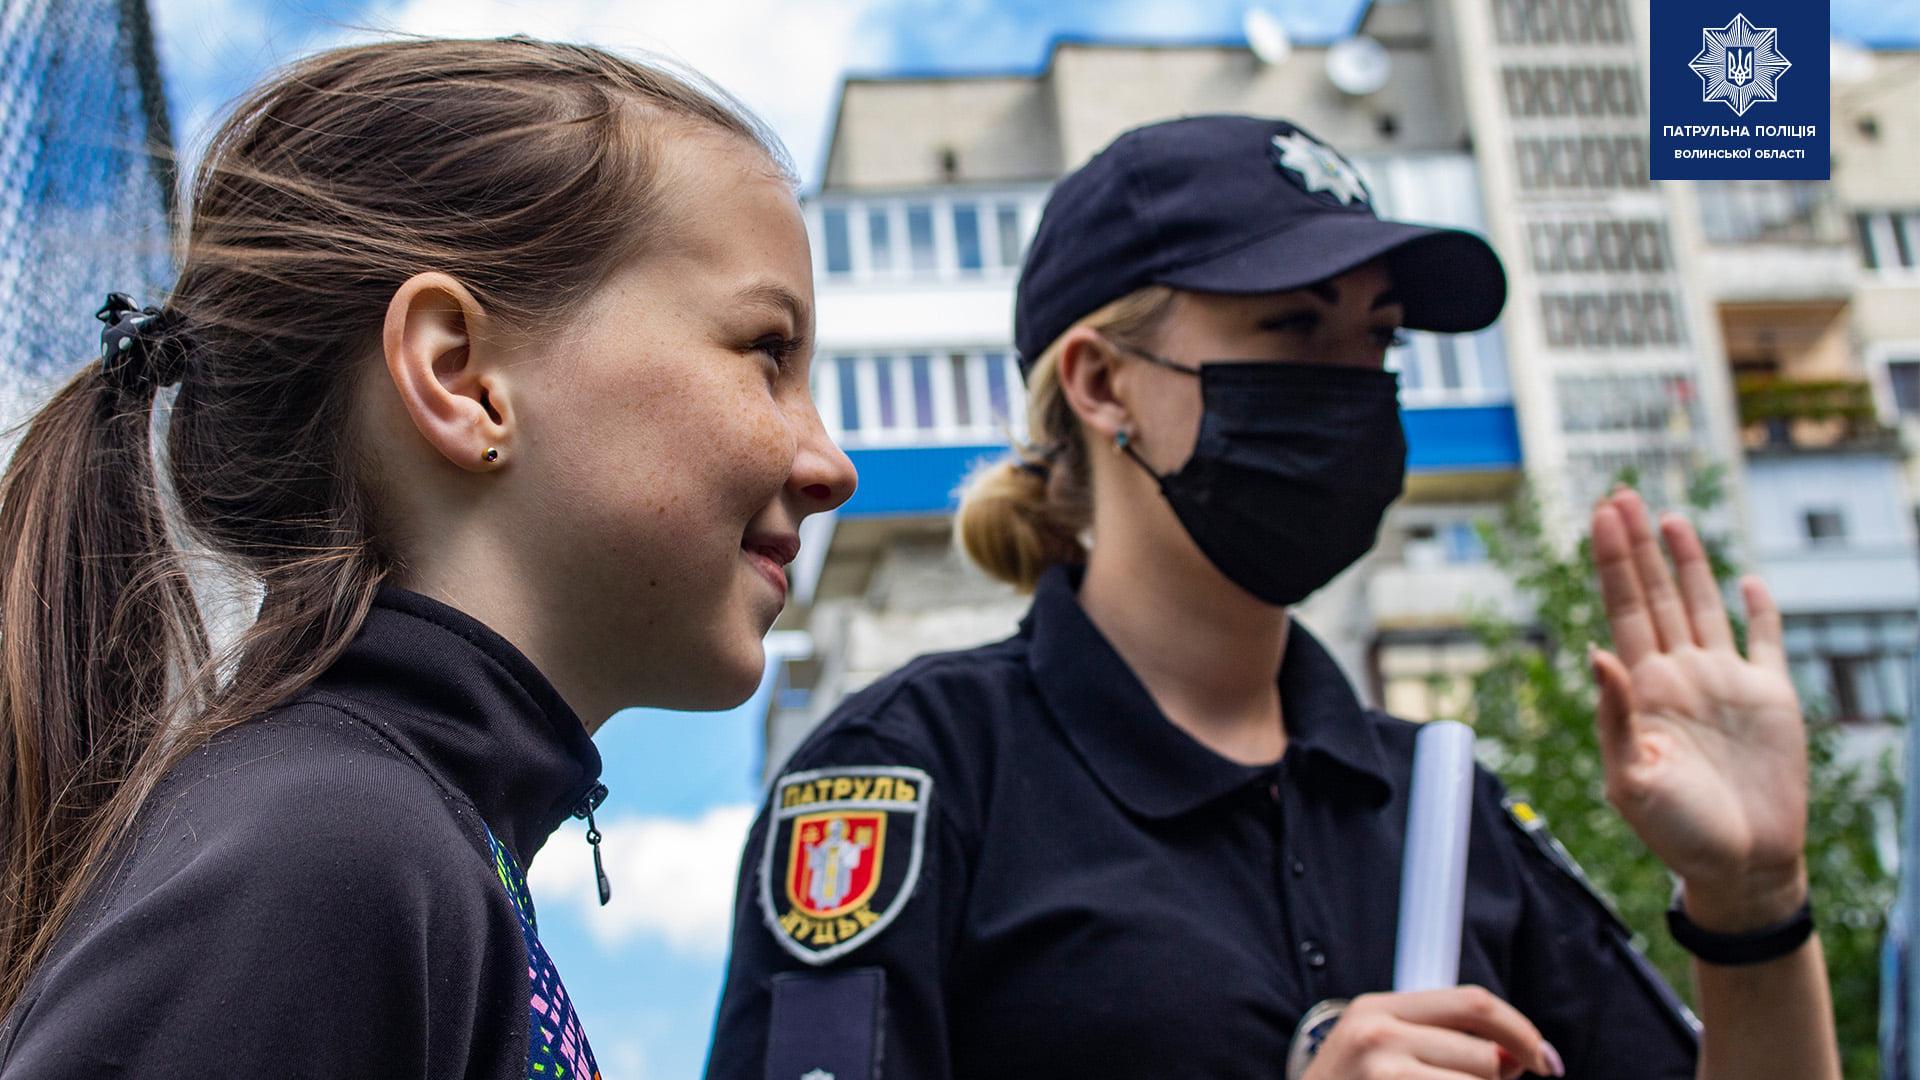 Луцькі патрульні нагадали дітям про правила дорожнього руху